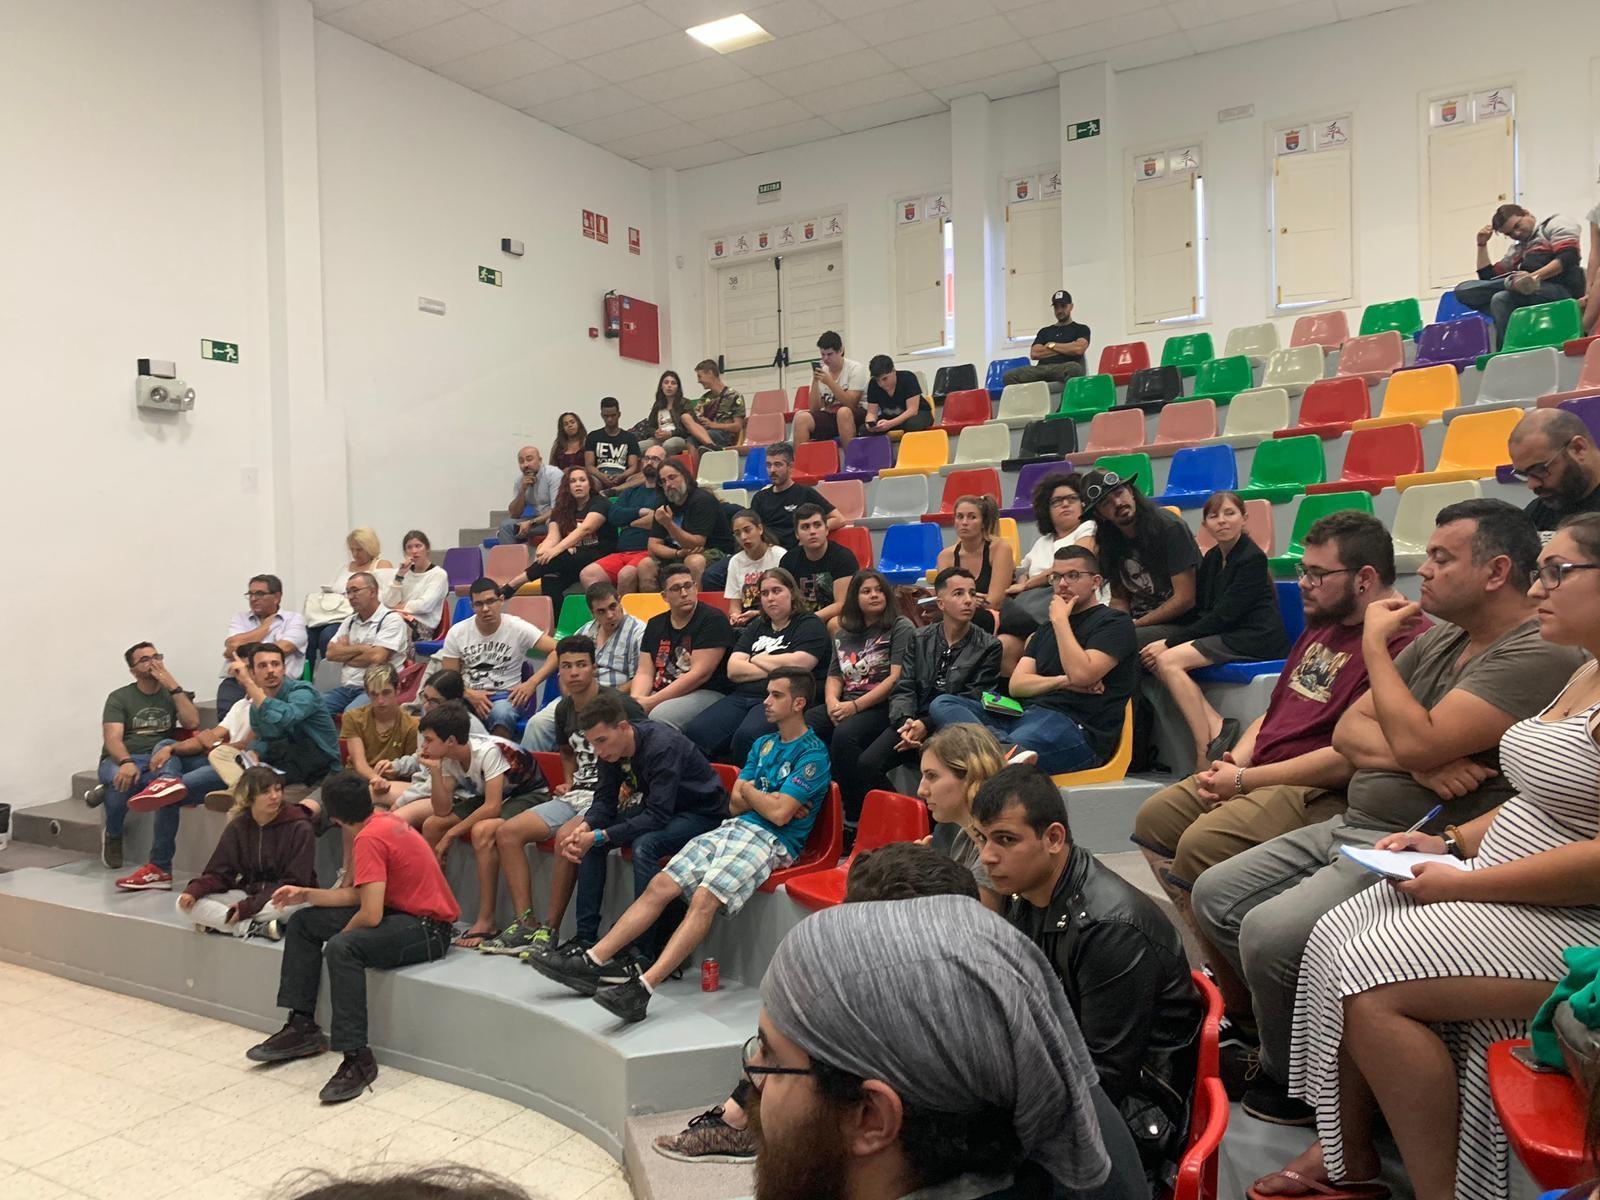 La concejal Elisabet Merino agradece el éxito de participación en el primer en encuentro de colectivos juveniles de Arrecife